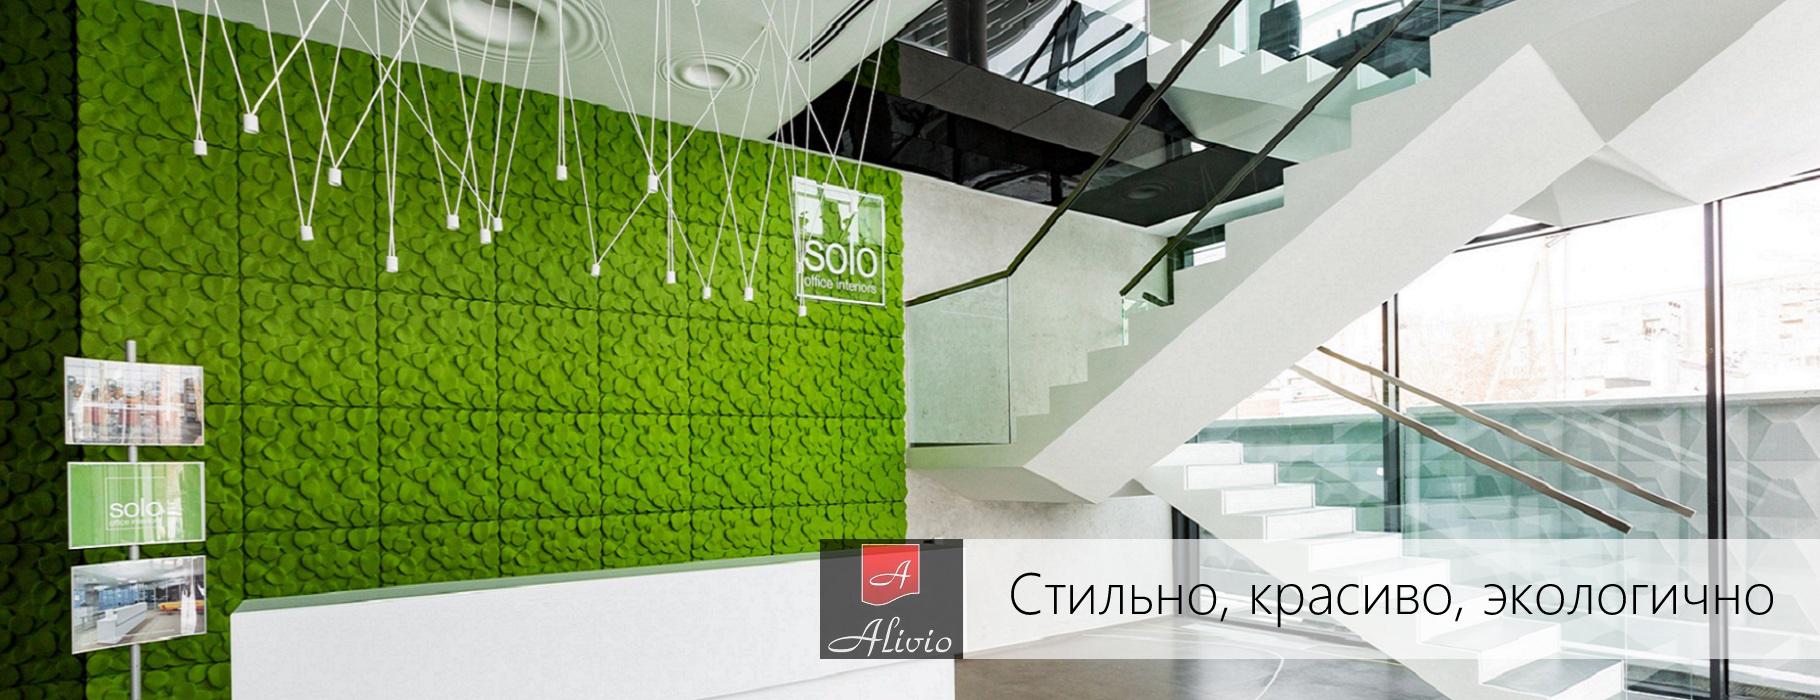 Развивающаяся компания Alivio